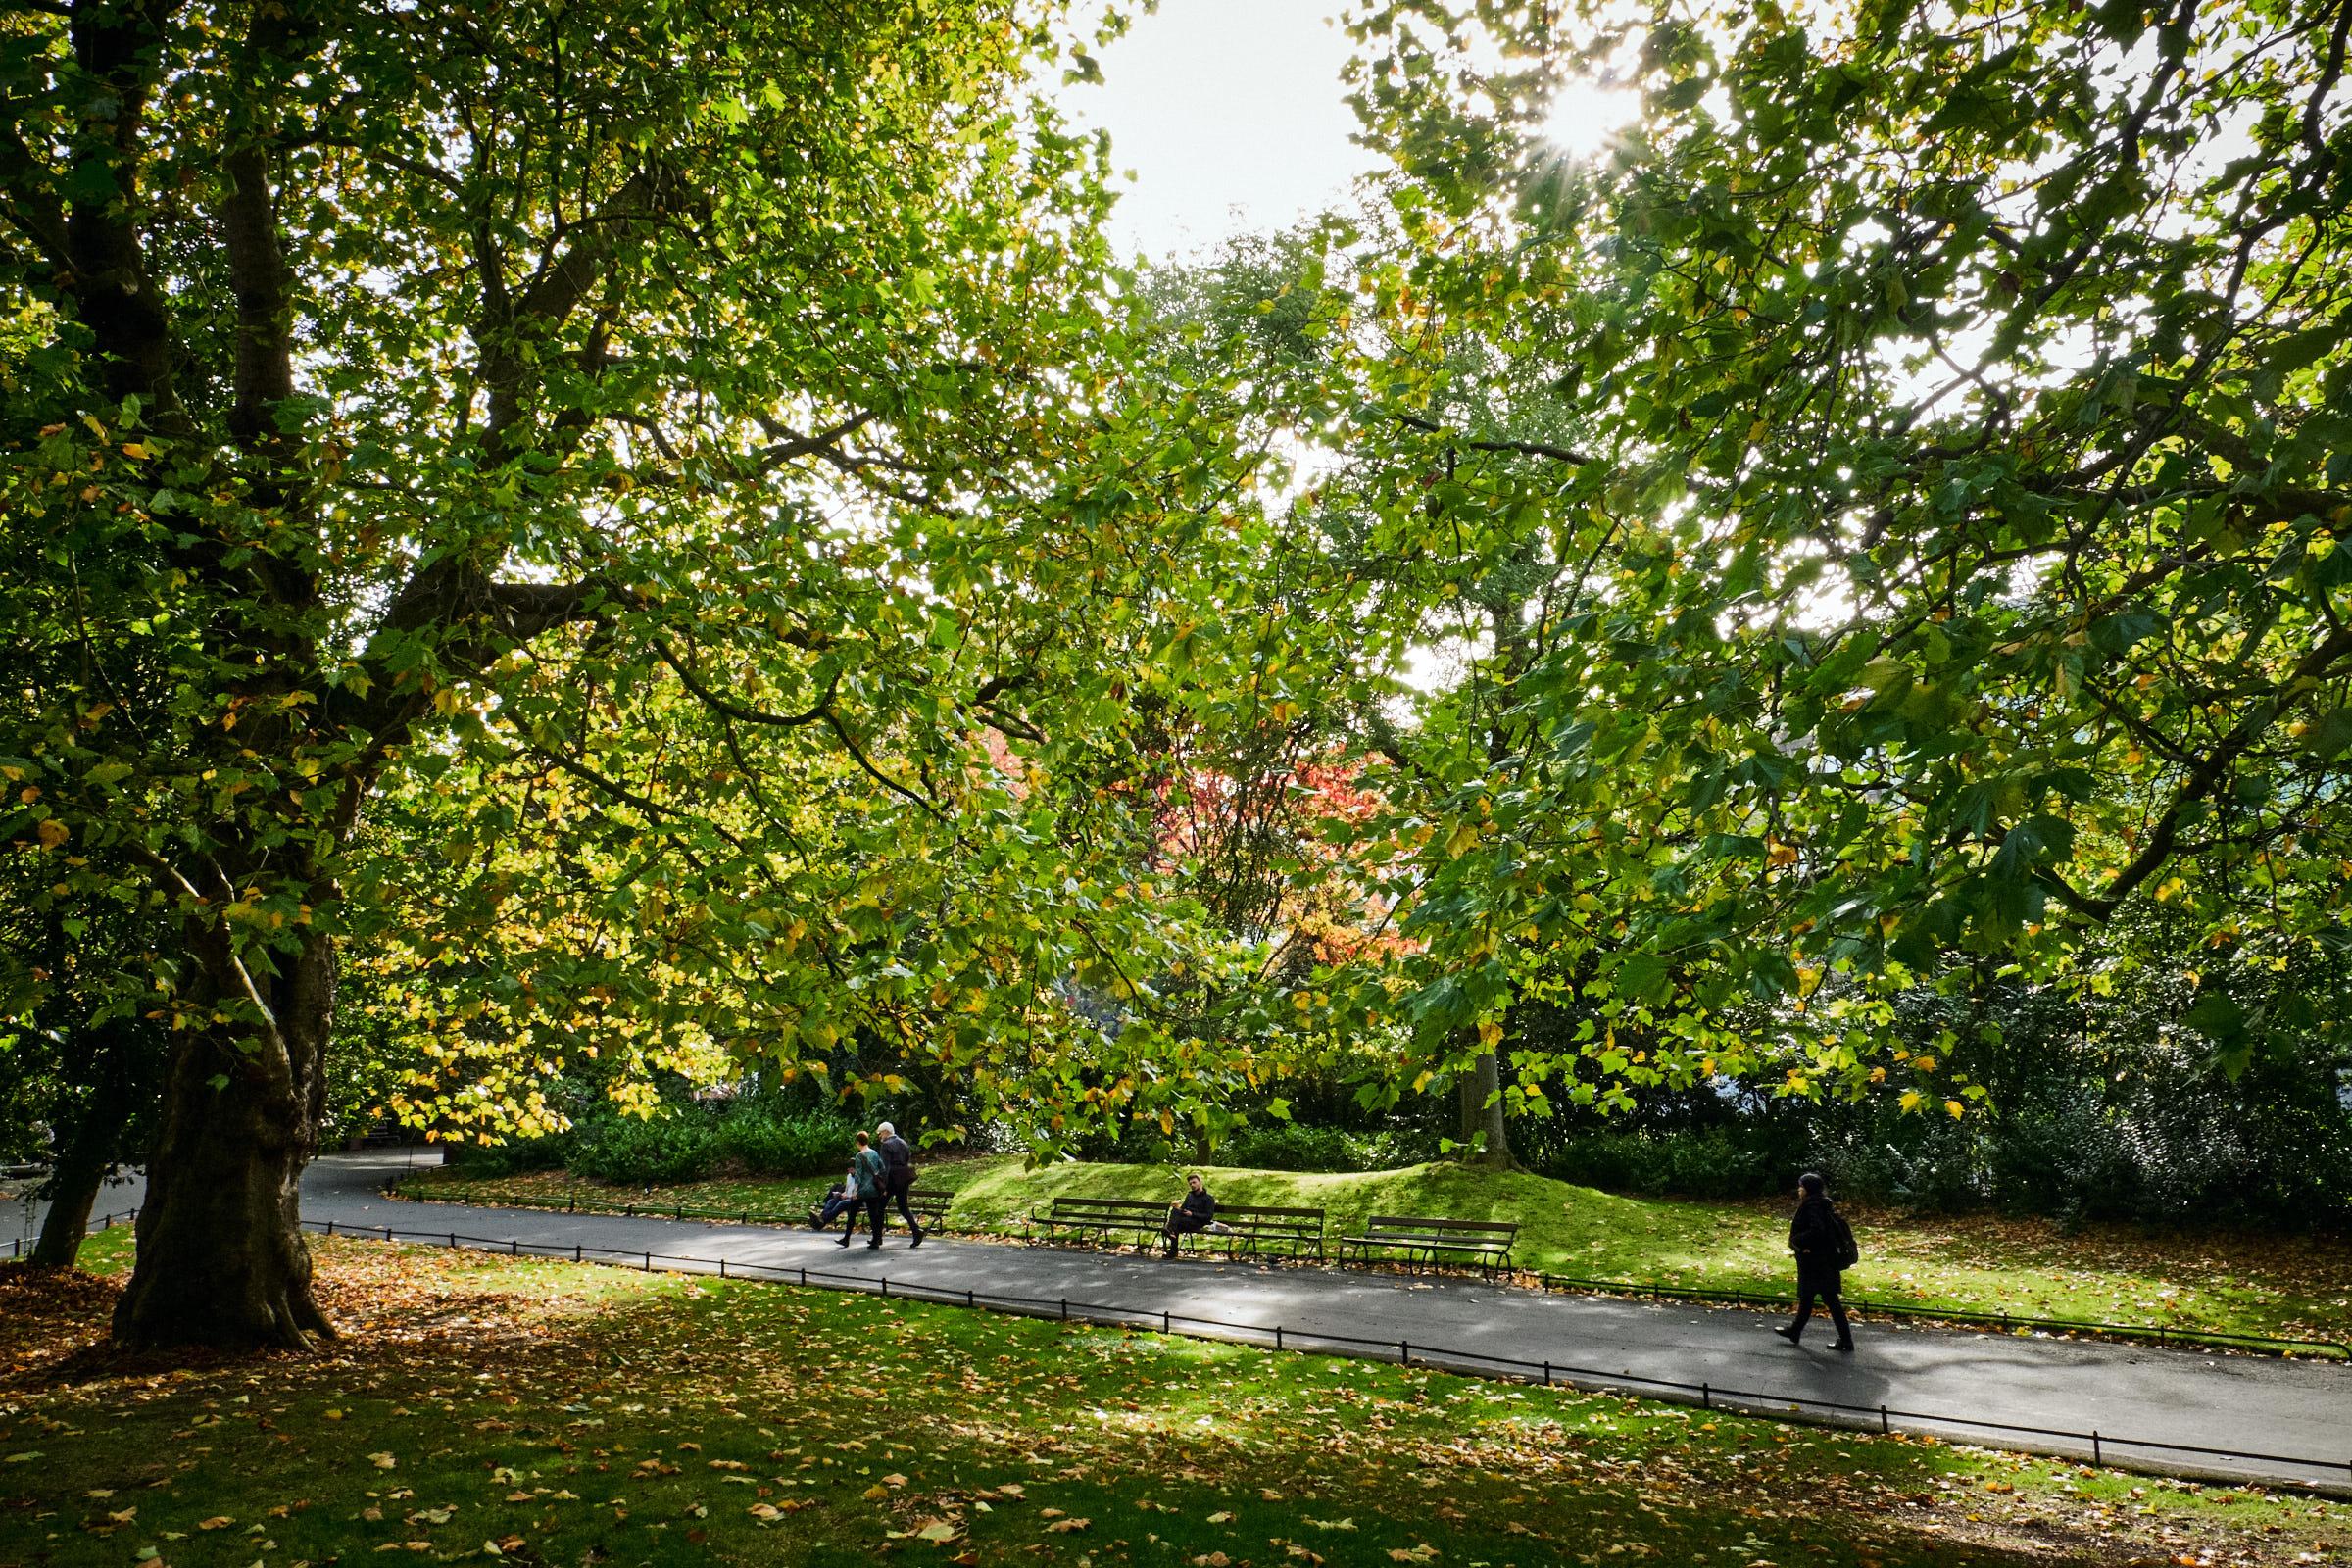 Street-and-park-autumn-464-Jpeg for Web.jpg